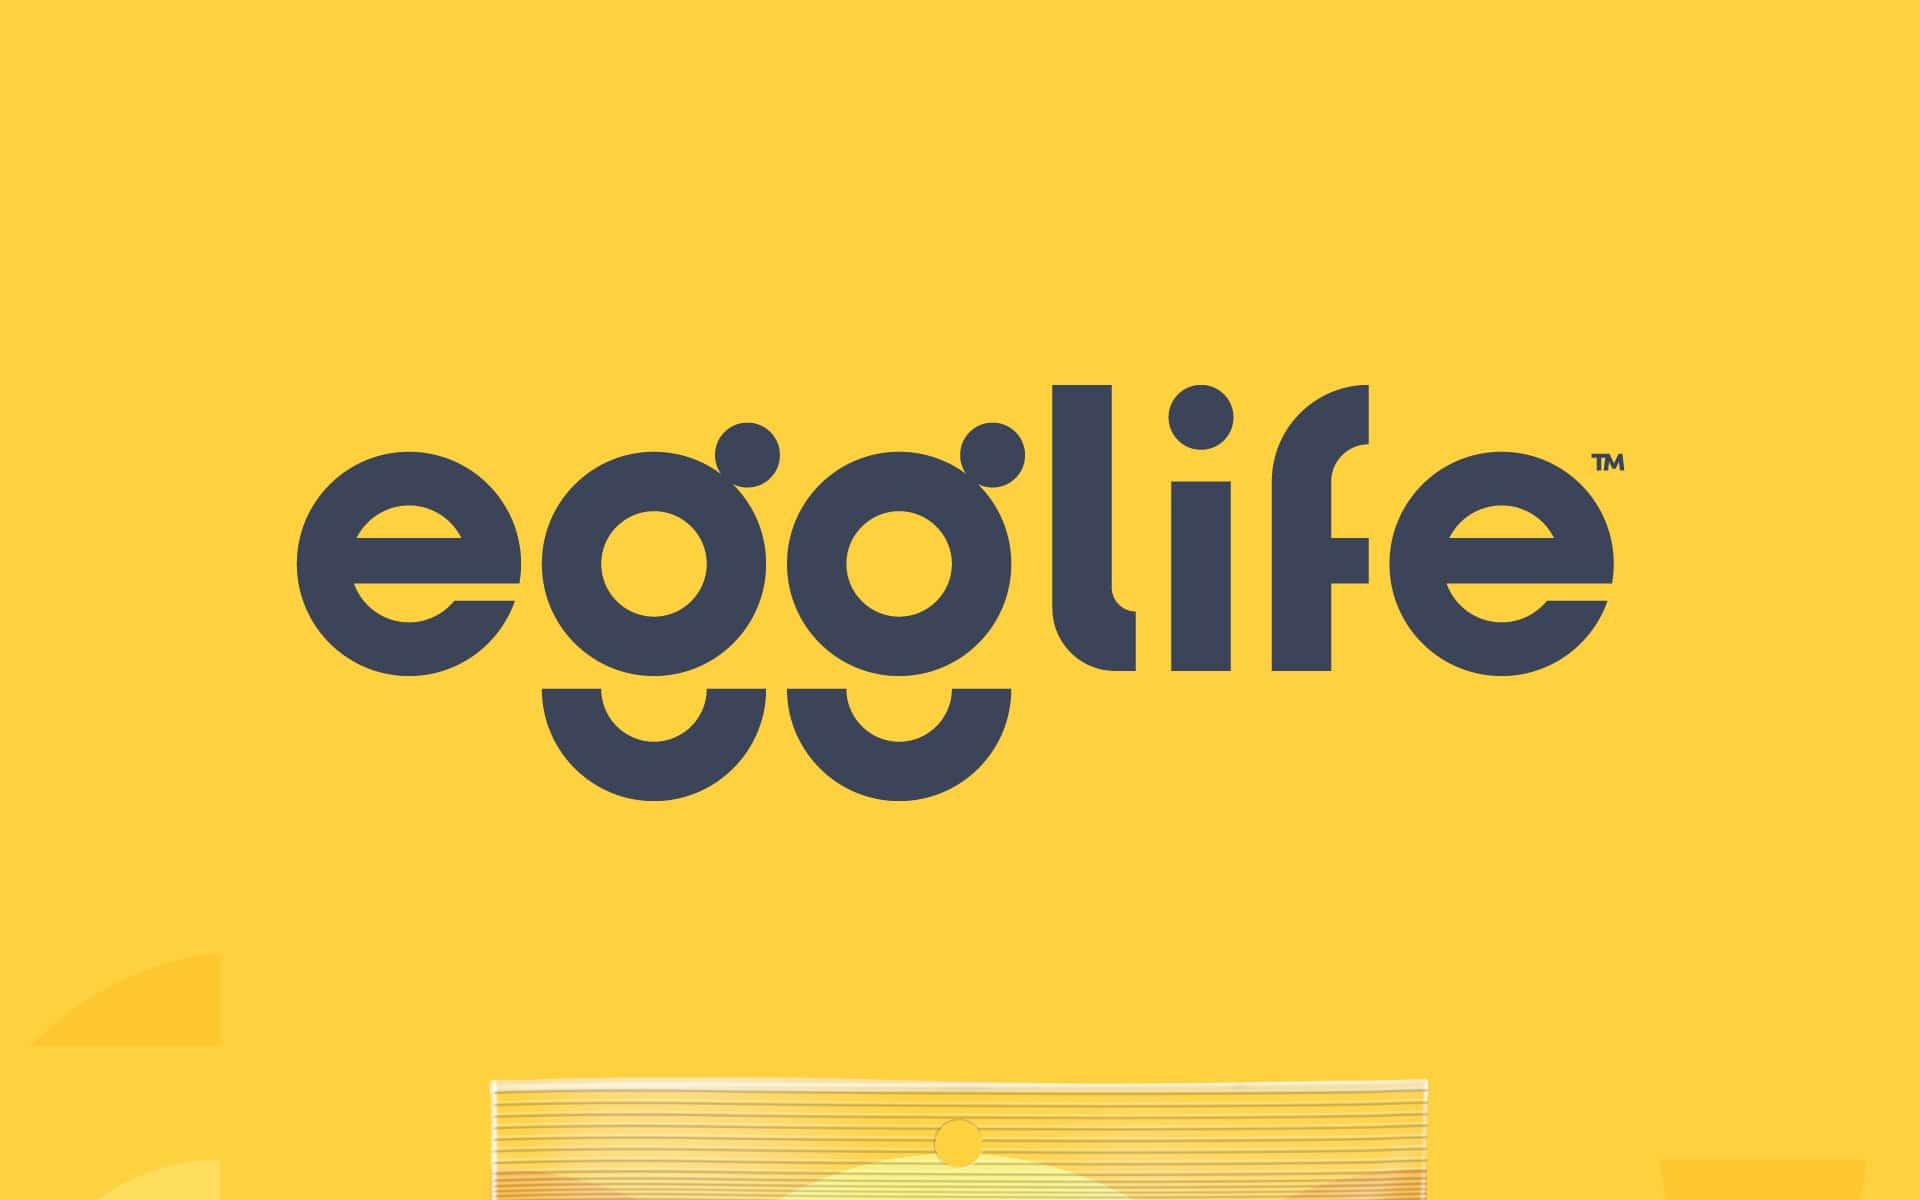 Egglife - Brand Identity